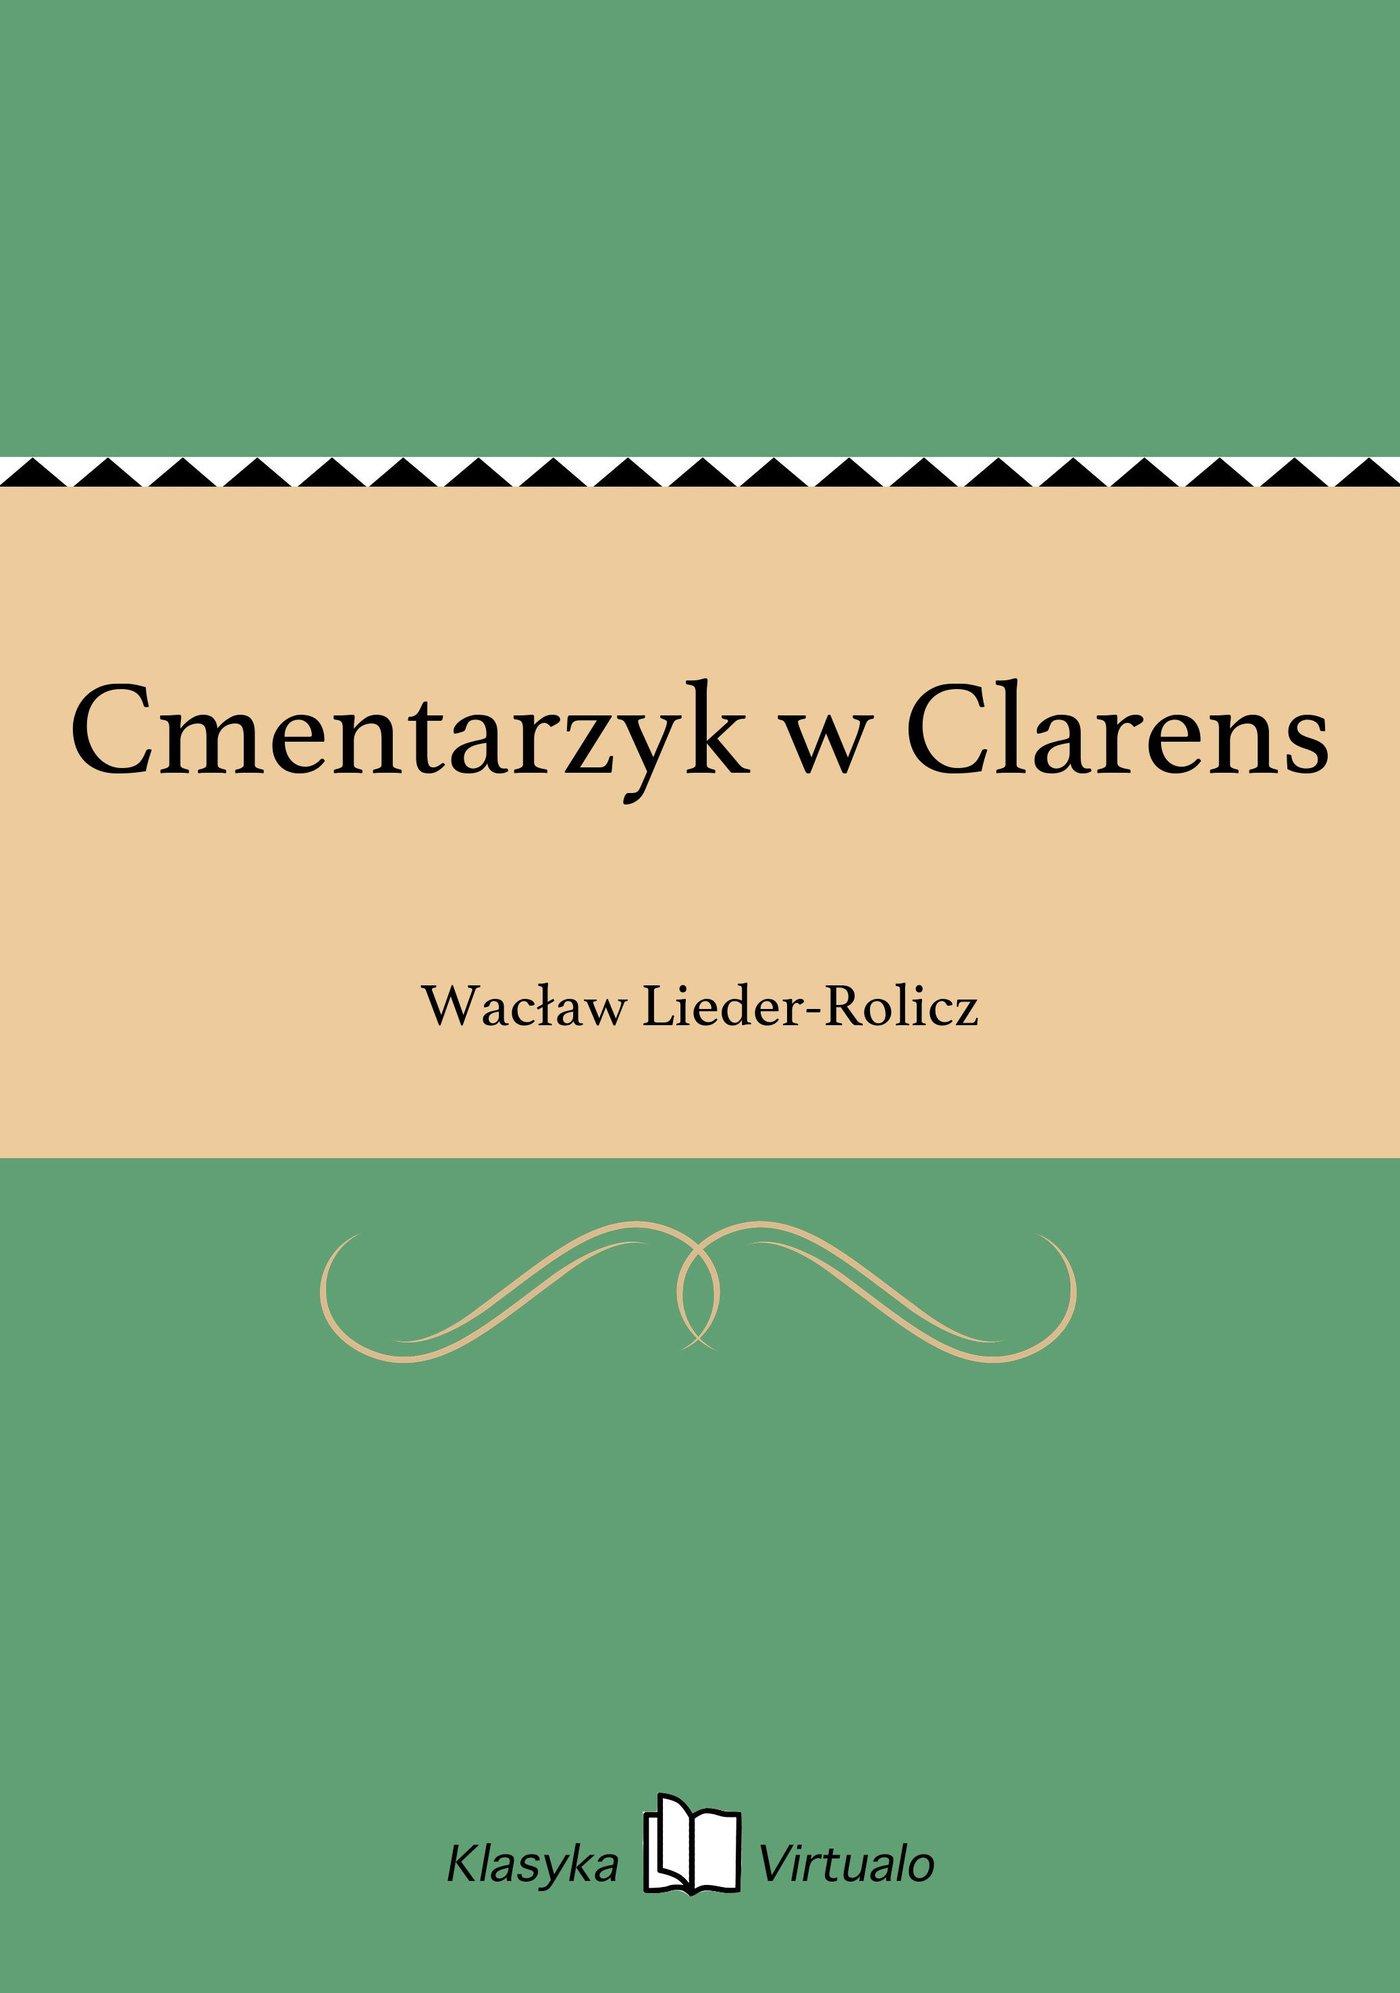 Cmentarzyk w Clarens - Ebook (Książka na Kindle) do pobrania w formacie MOBI